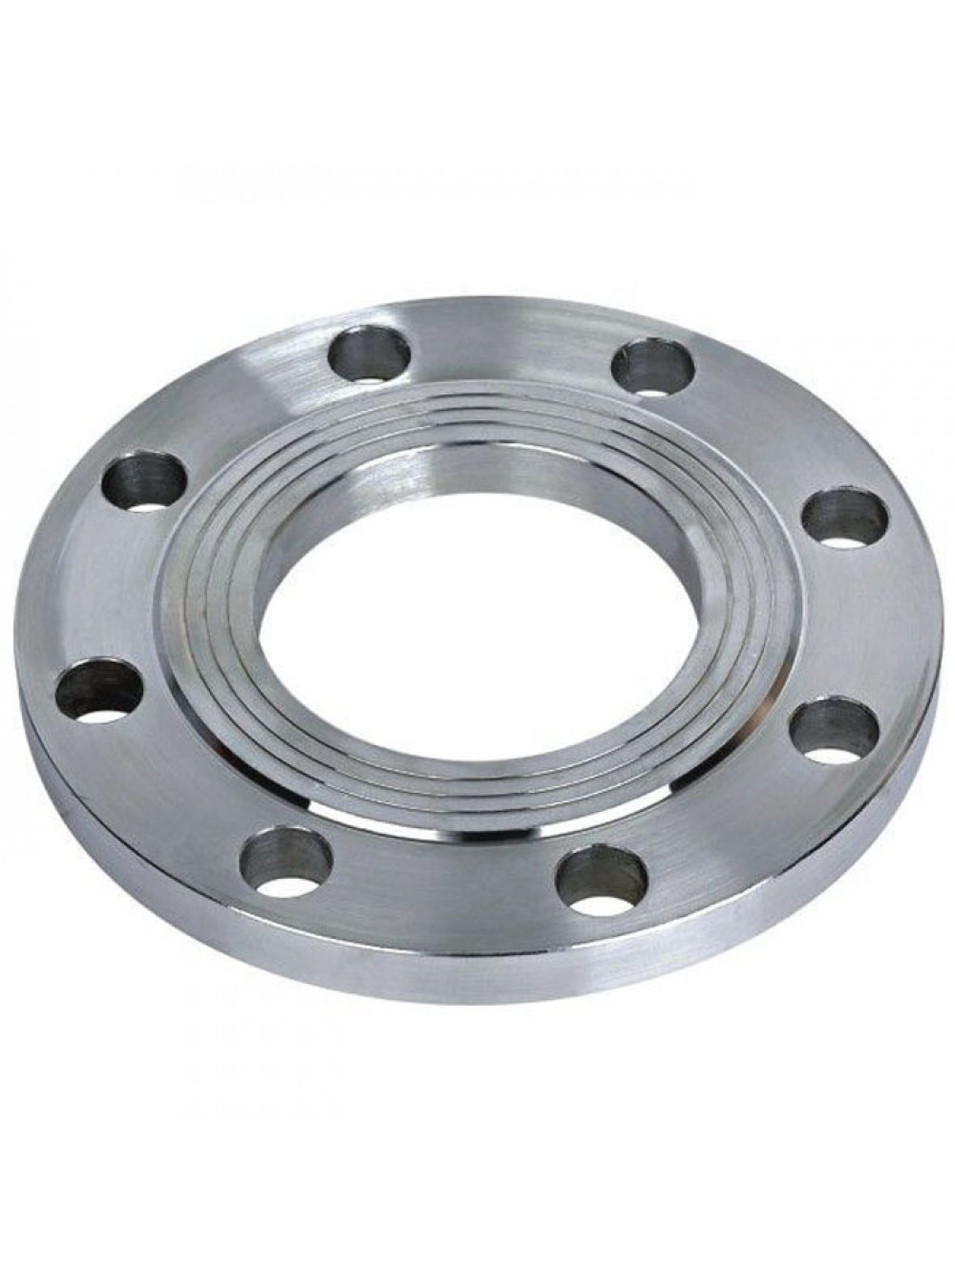 Фланец стальной Ду 800 мм (Ру 16 бар)